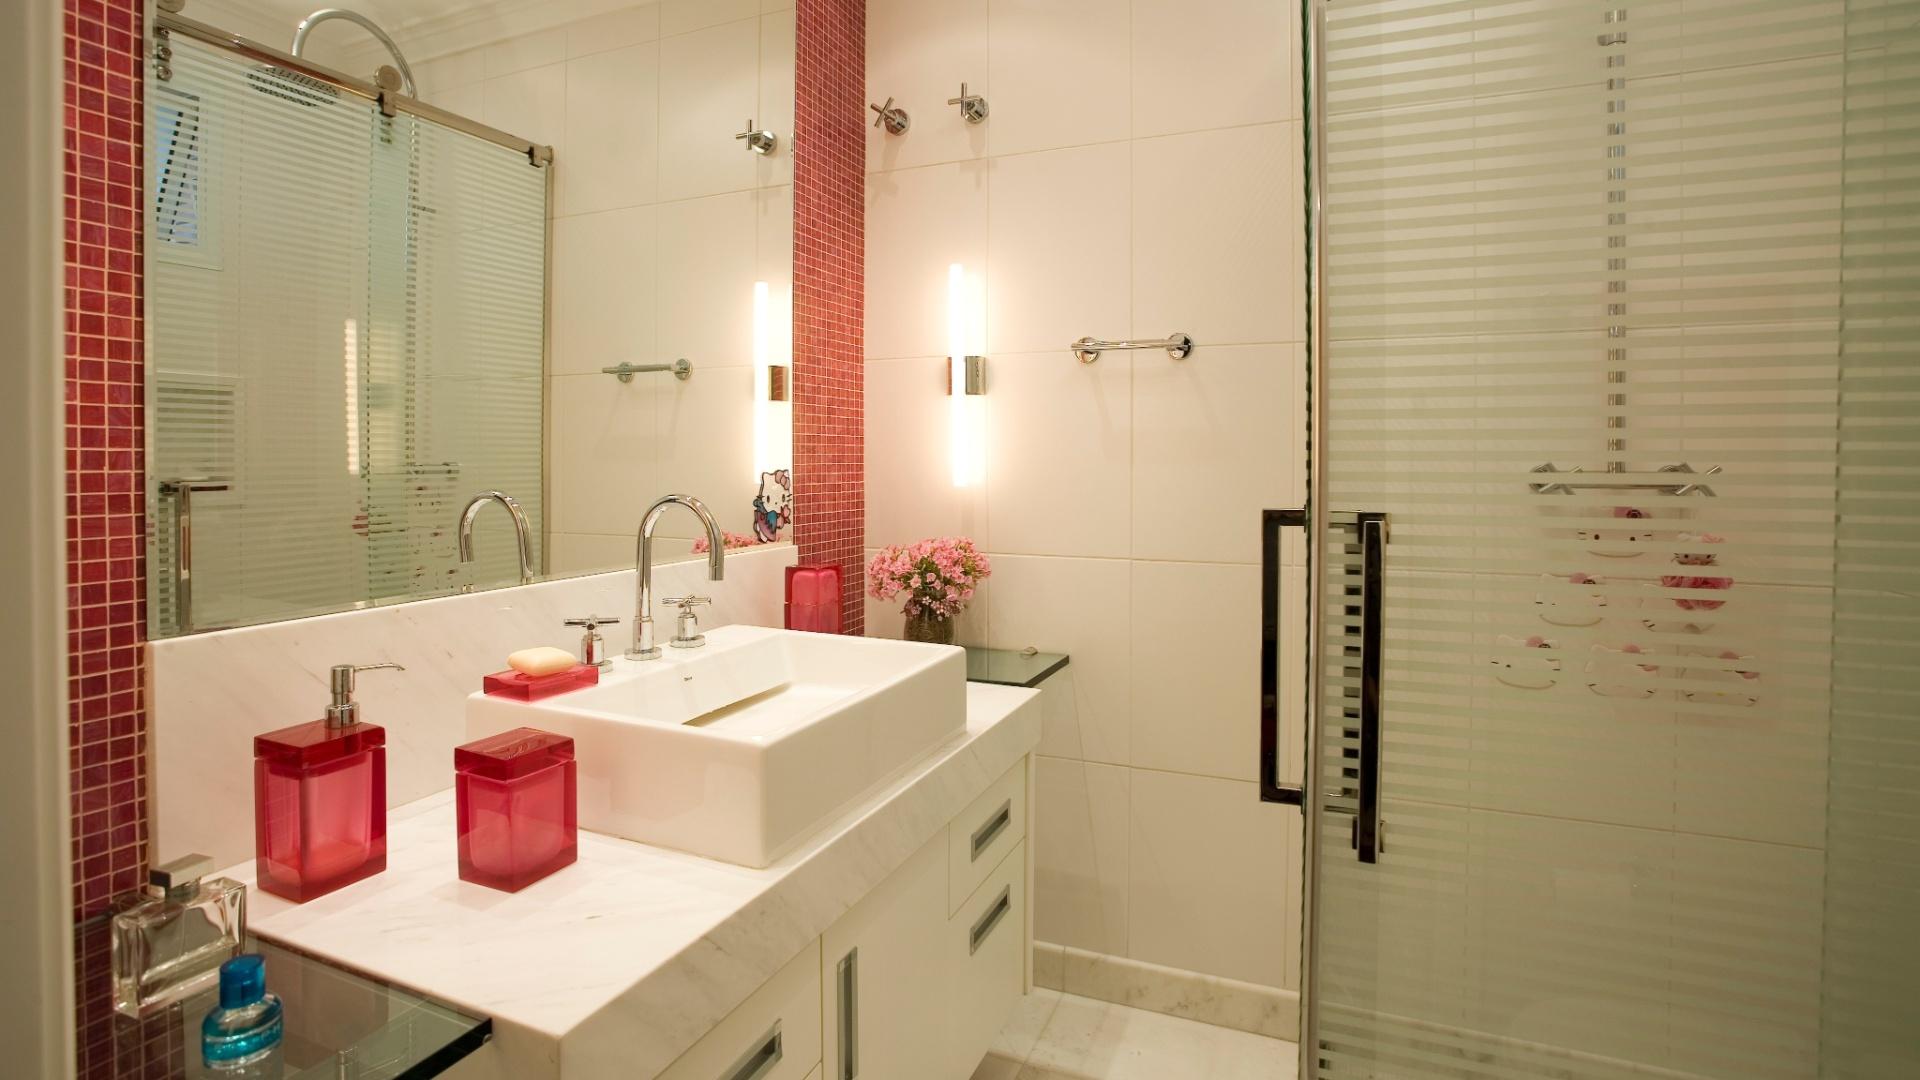 Banheiros pequenos dicas de decoração para quem tem pouco espaço  BOL Fotos -> Pia De Banheiro Feminino